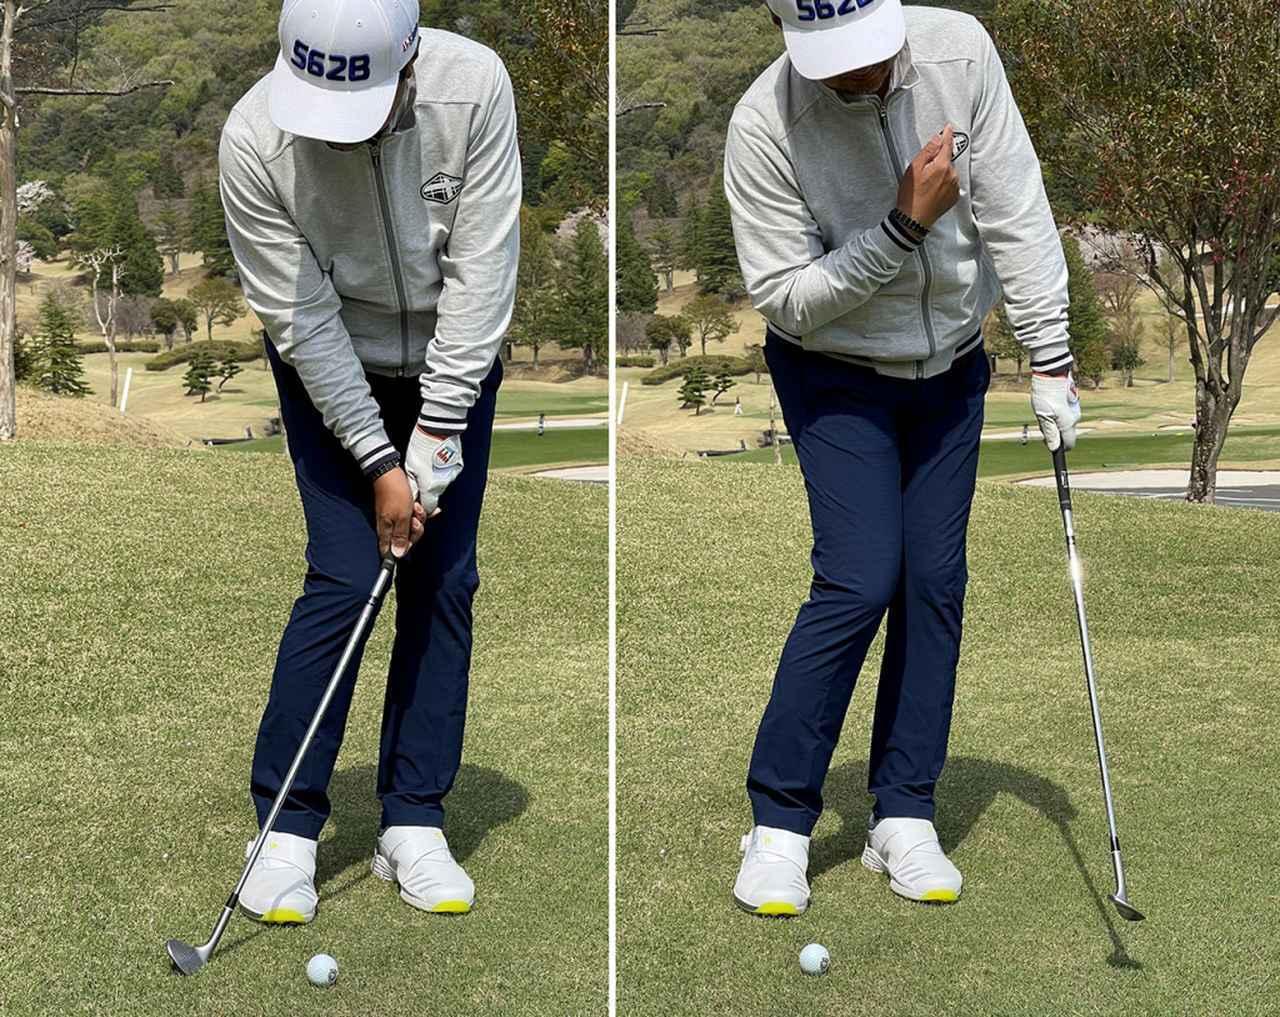 画像: 手首をリリースしてしまうとボールの手前にヘッドが落ちてしまいダフります(左)。左脇を締めるようにして、手首の角度をキープしたまま左肩を回転させましょう(右)